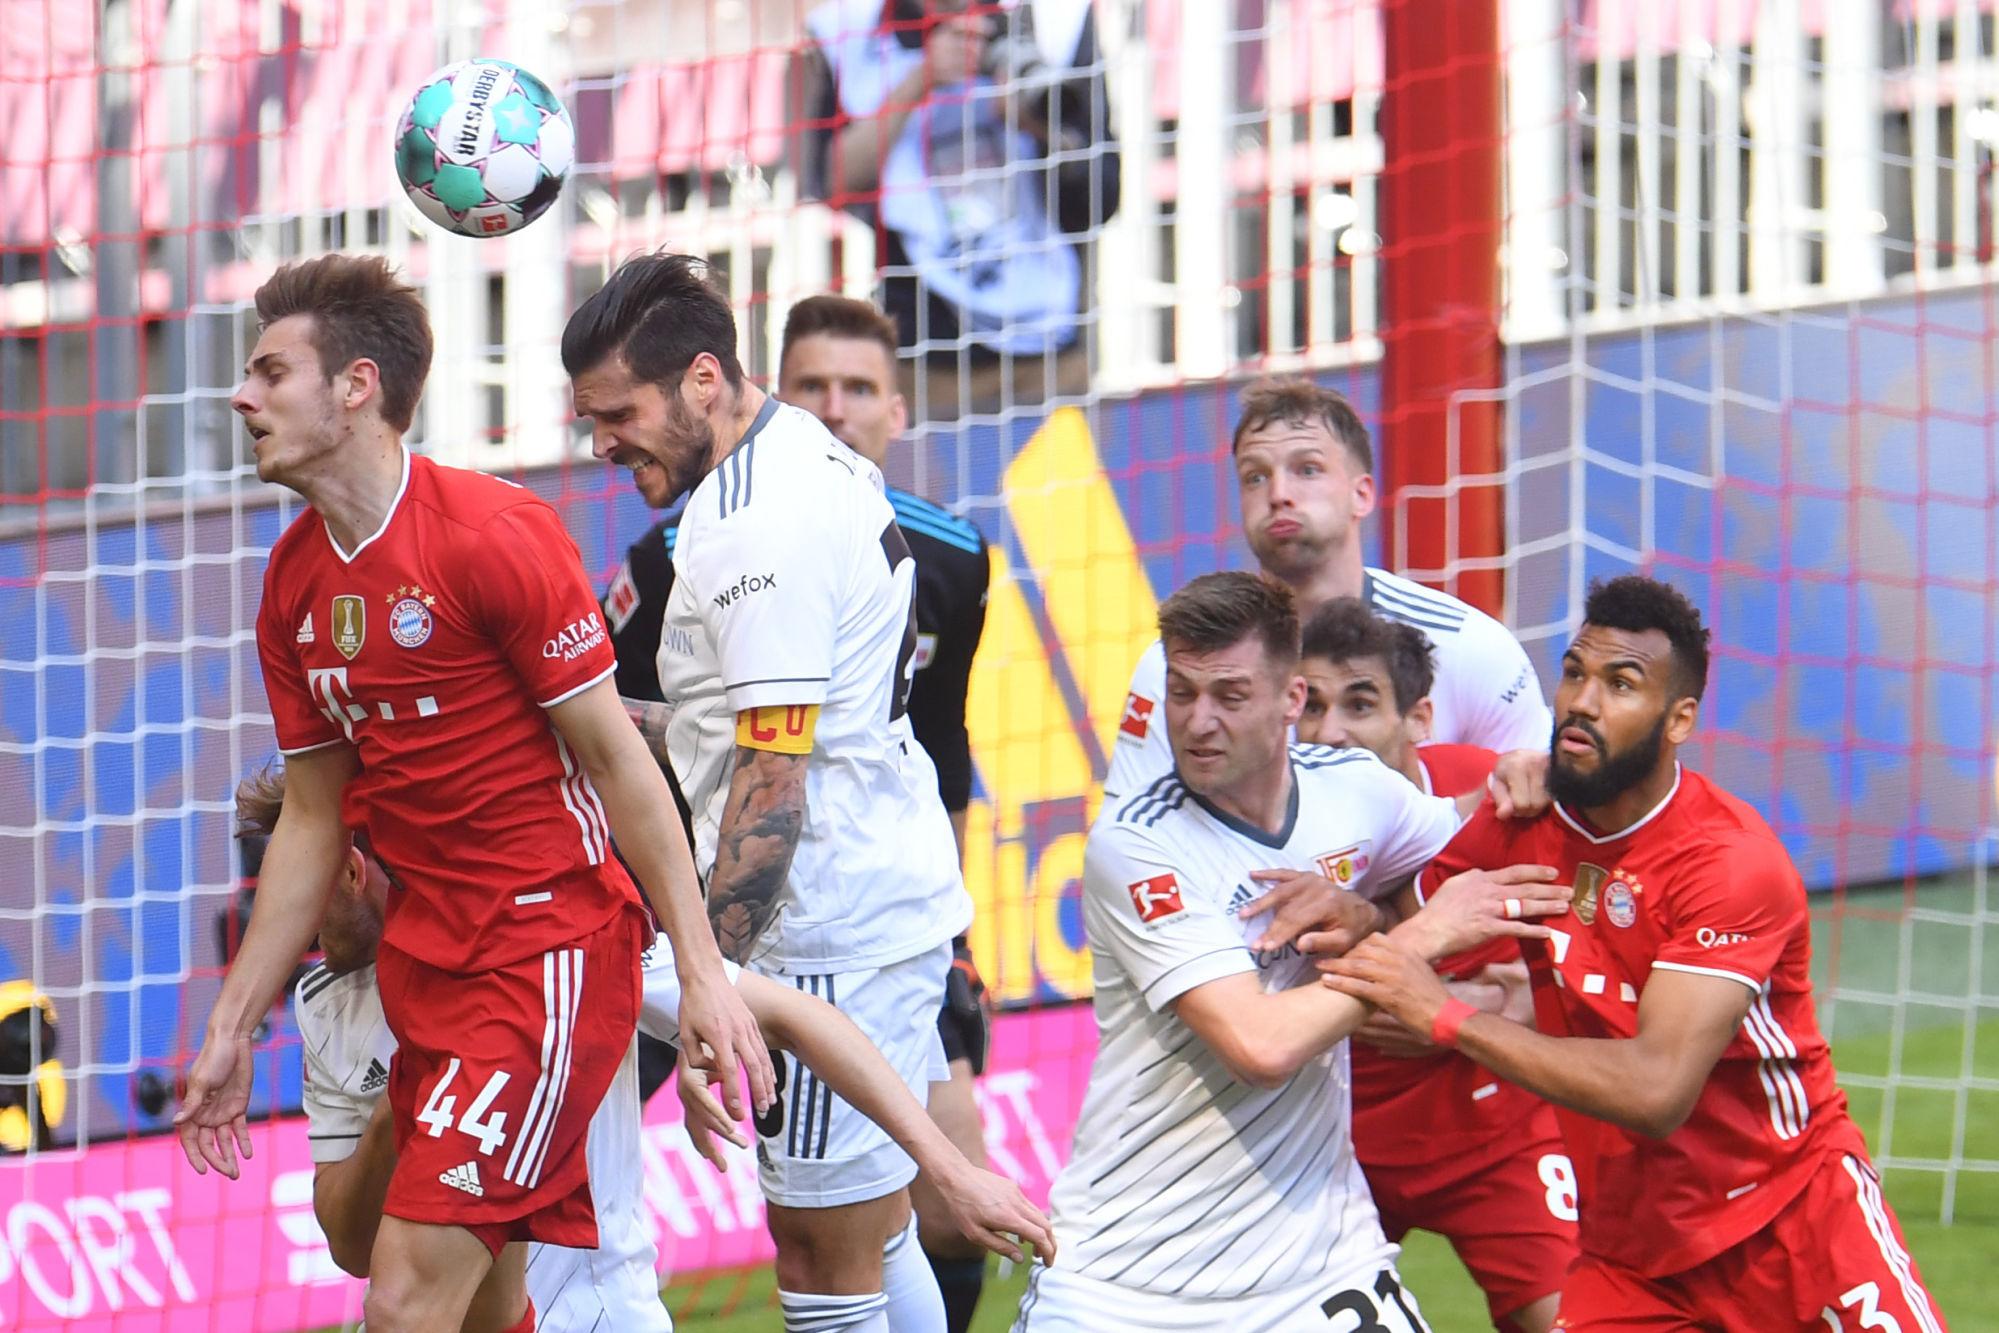 Banyak gelombang tercipta di gawang Union Berlin, tetapi Bayern hanya bisa mencetak satu gol dan itu tidak cukup bagi mereka untuk menang.  Foto: AFP